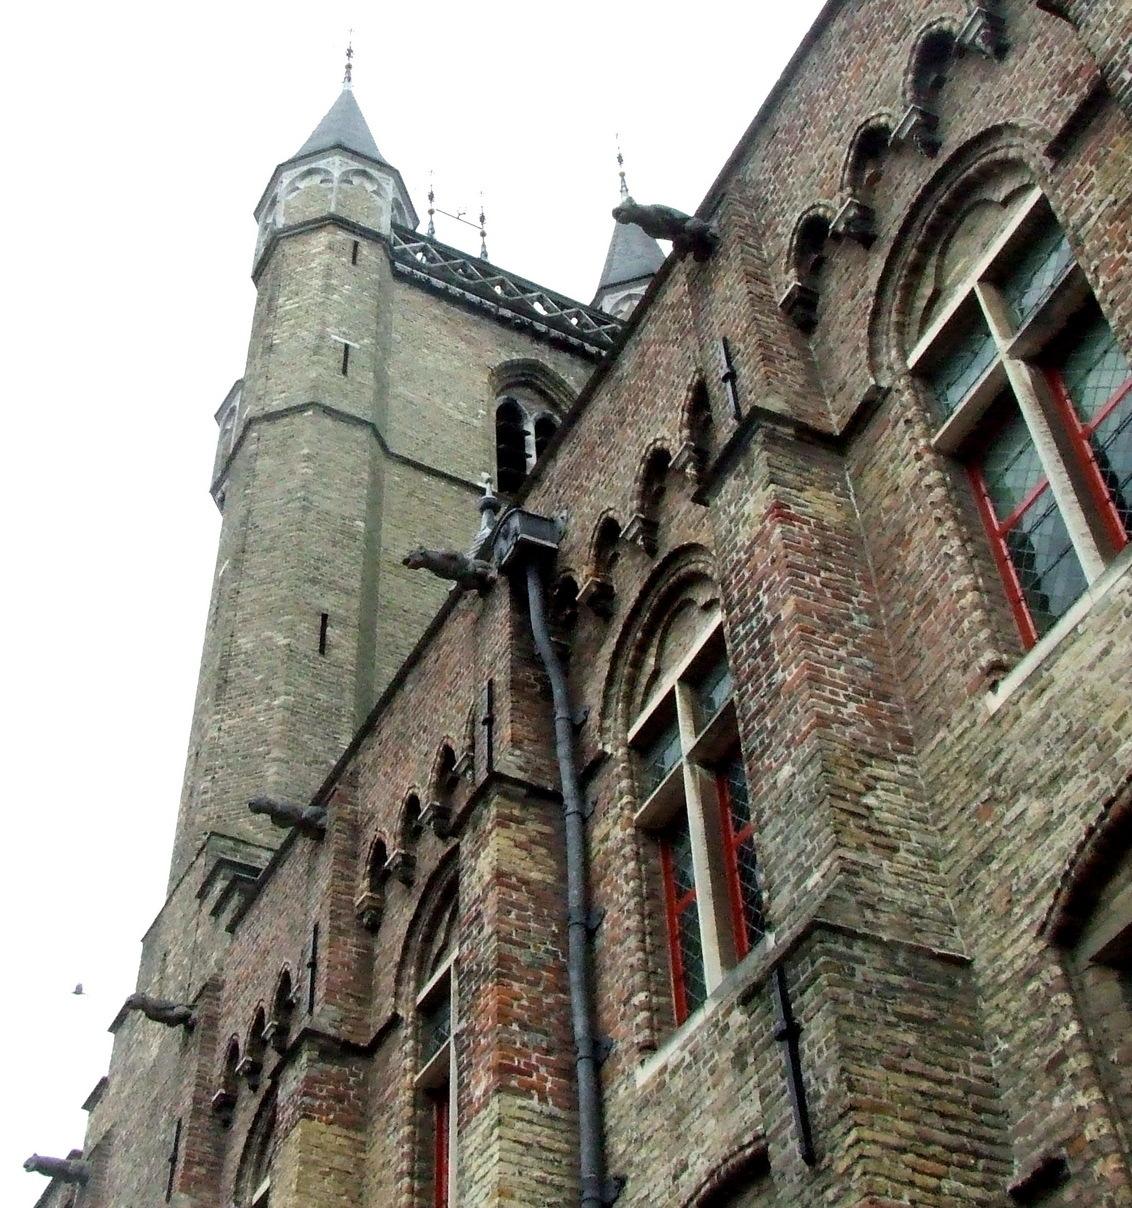 Kerk in Sluis - - - foto door marcelmuis op 04-02-2009 - deze foto bevat: kerk, sluis